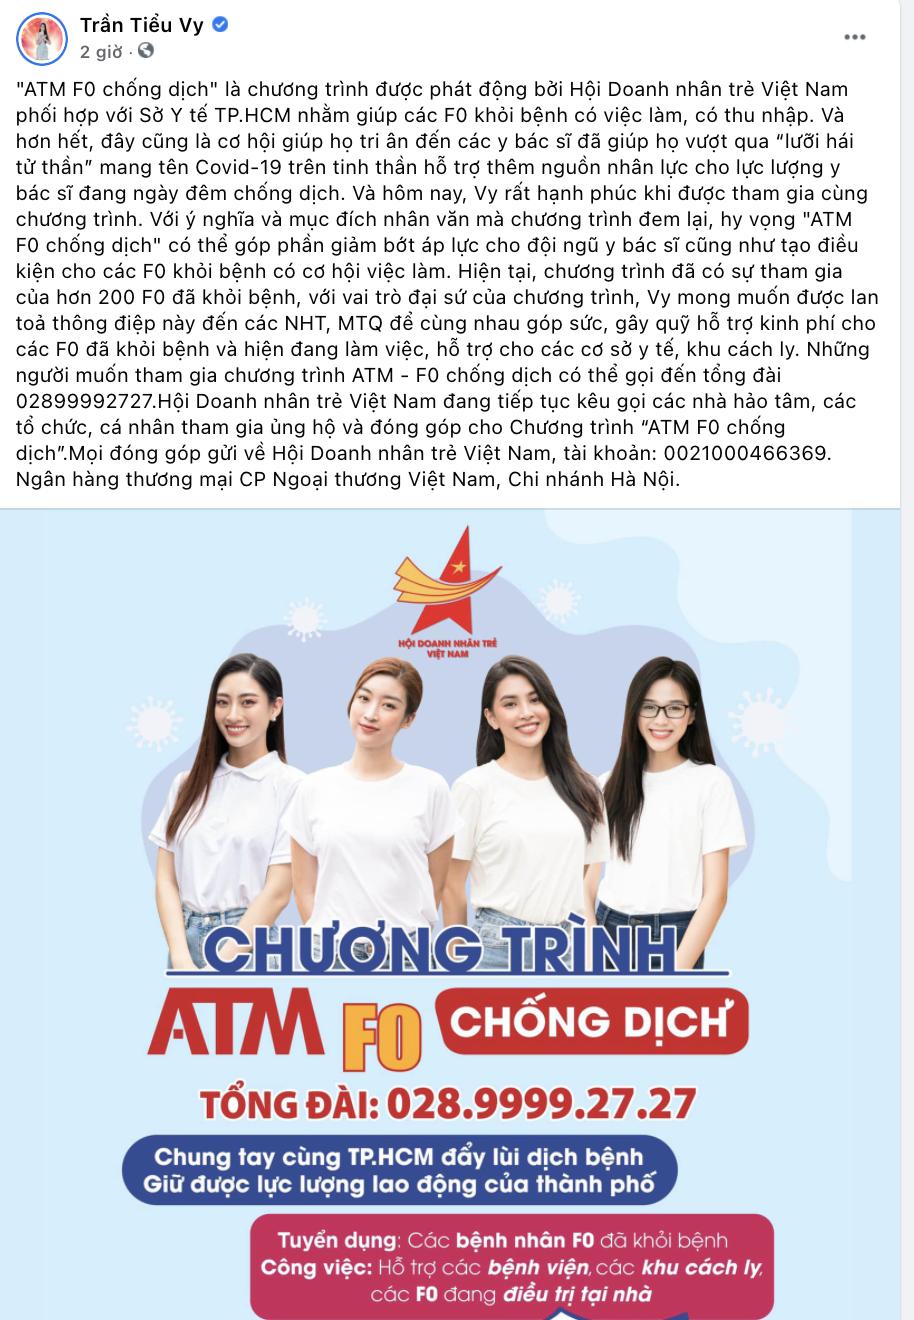 Đỗ Mỹ Linh, Trần Tiểu Vy, Lương Thùy Linh và Đỗ Thị Hà làm đại sứ 'ATM F0 chống dịch'